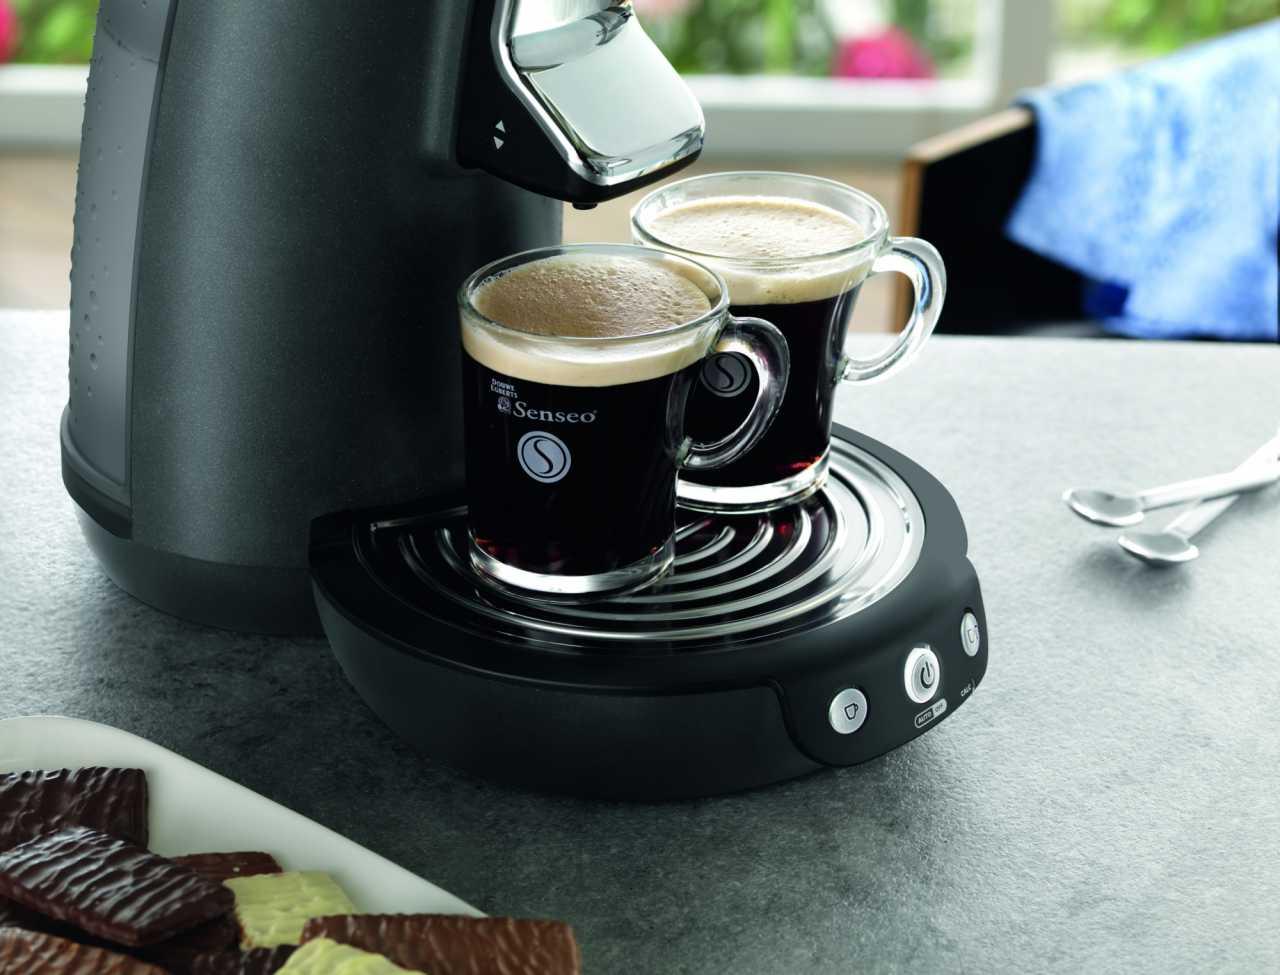 Phiilips feierte große Verkaufserfolge mit der Kaffemaschine Senseo. Doch mittlerweile ist der Mark um Portionsmaschinen heftig umkämpft.